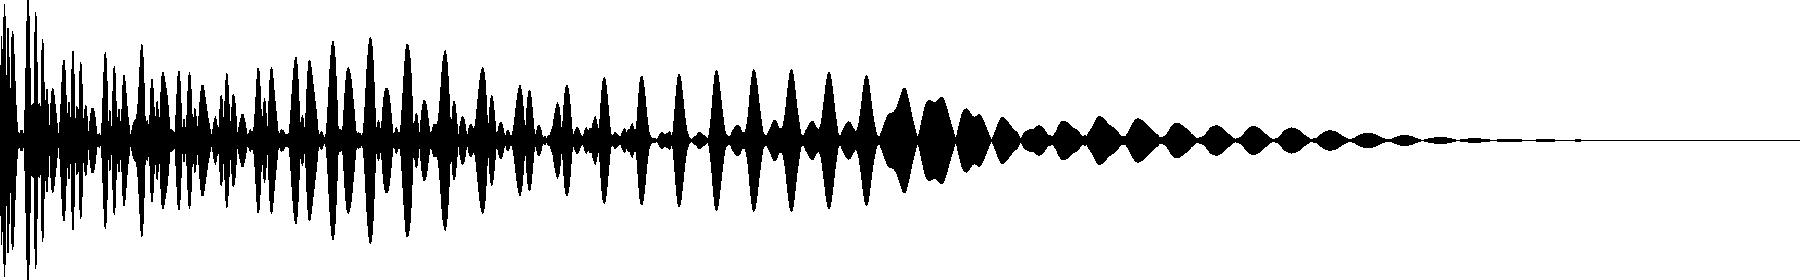 vedh bass cut 006 b